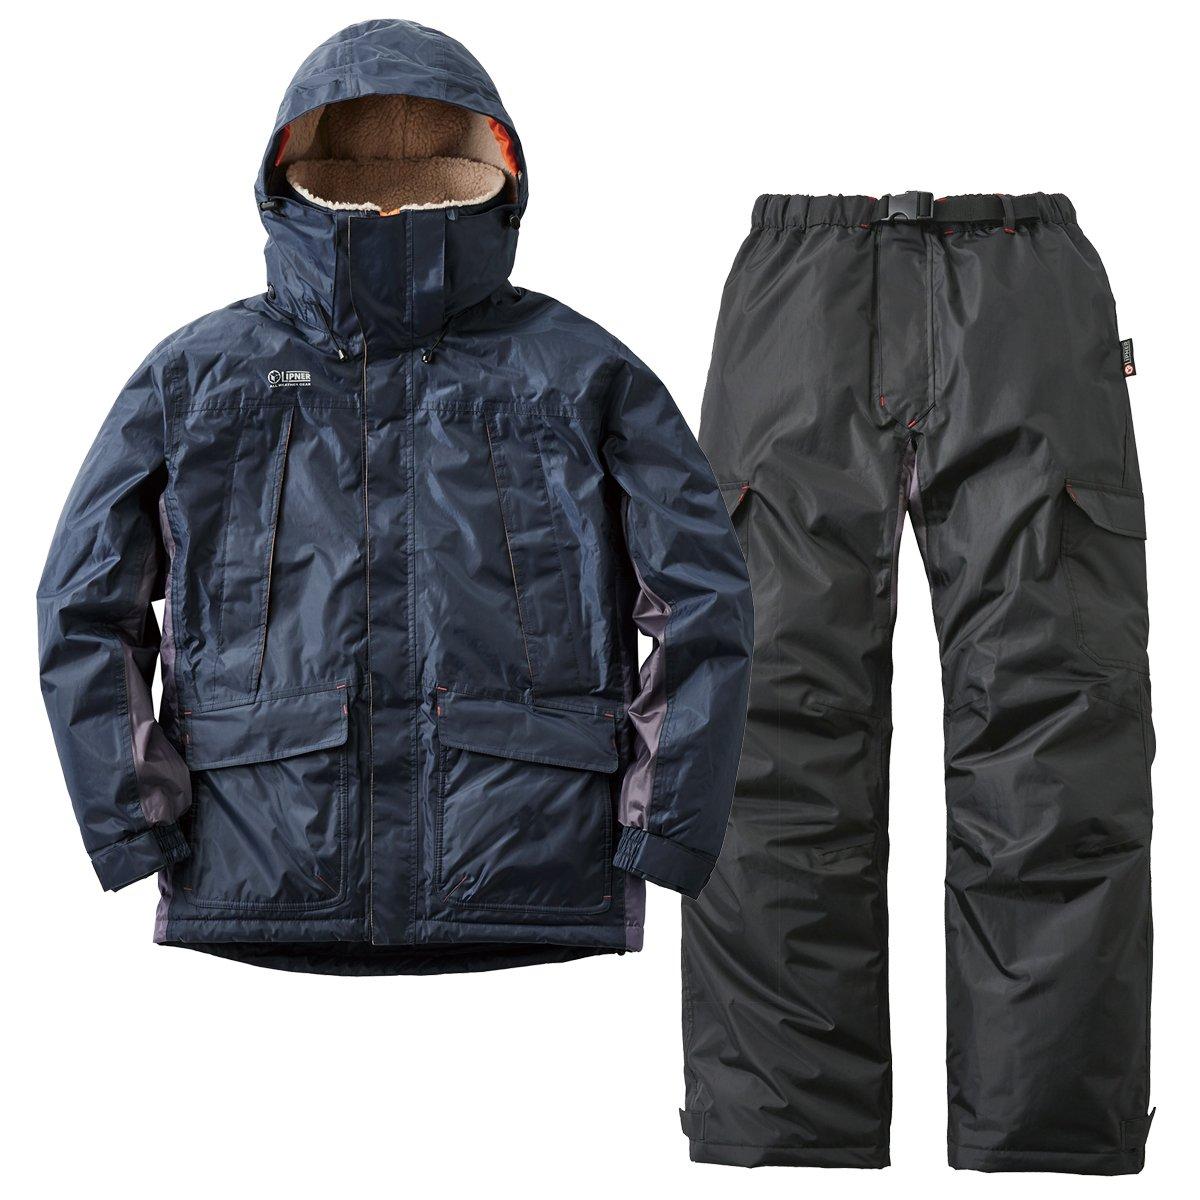 ロゴス(LOGOS) リプナー 動作快適防水防寒スーツ カーティス